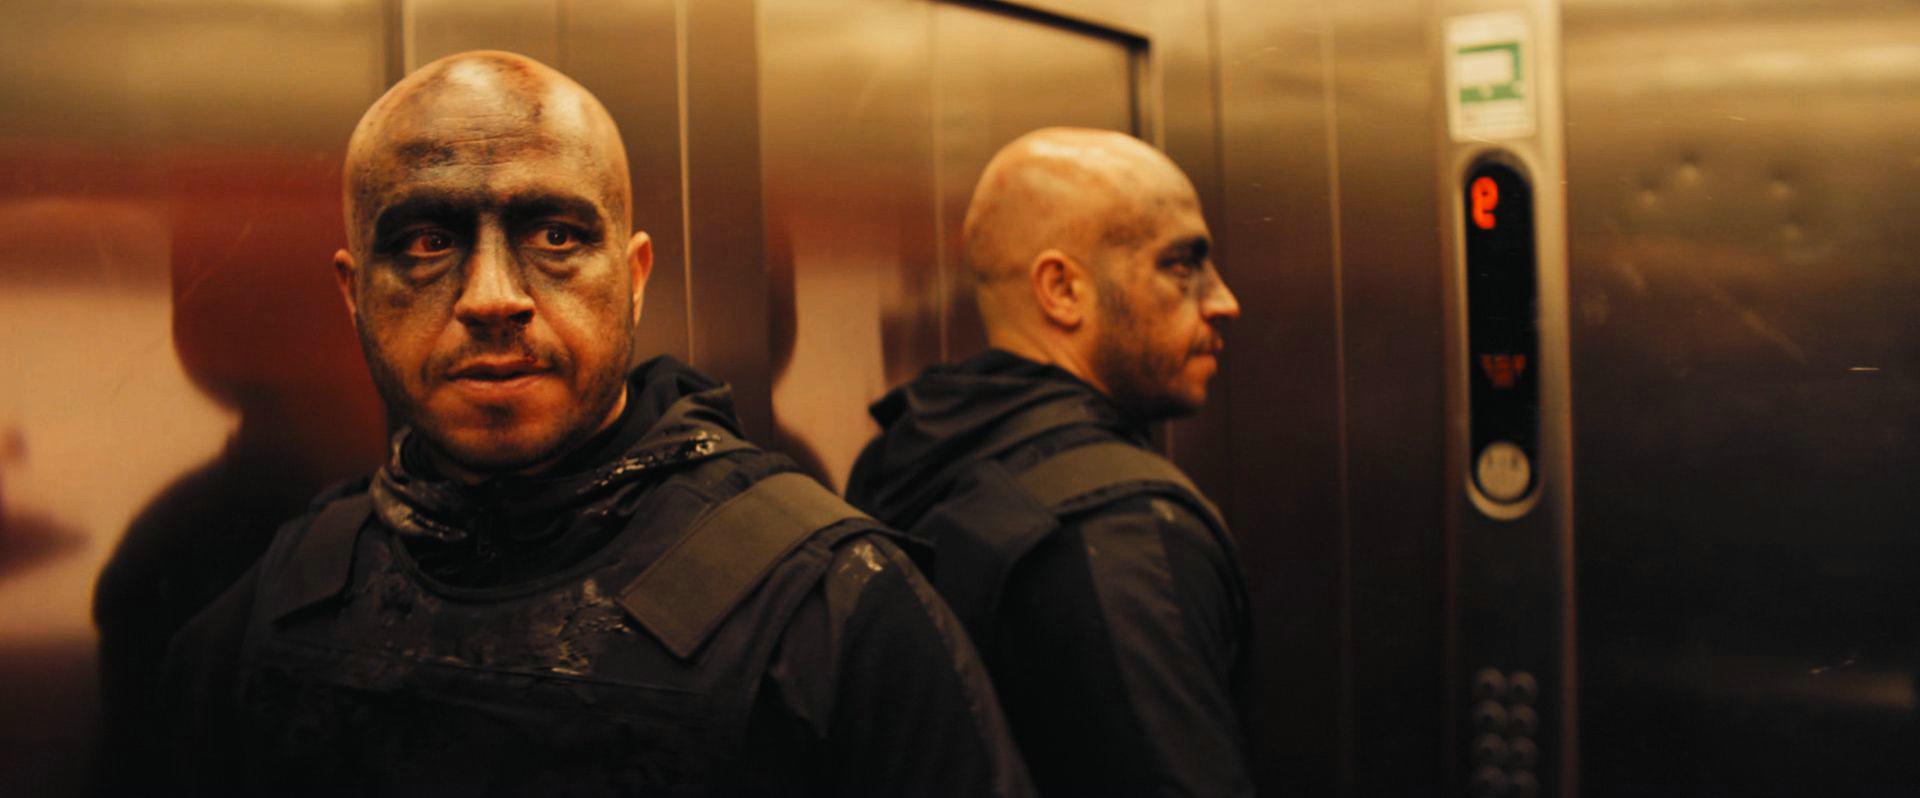 Darkland Blu-ray Review Szene 2